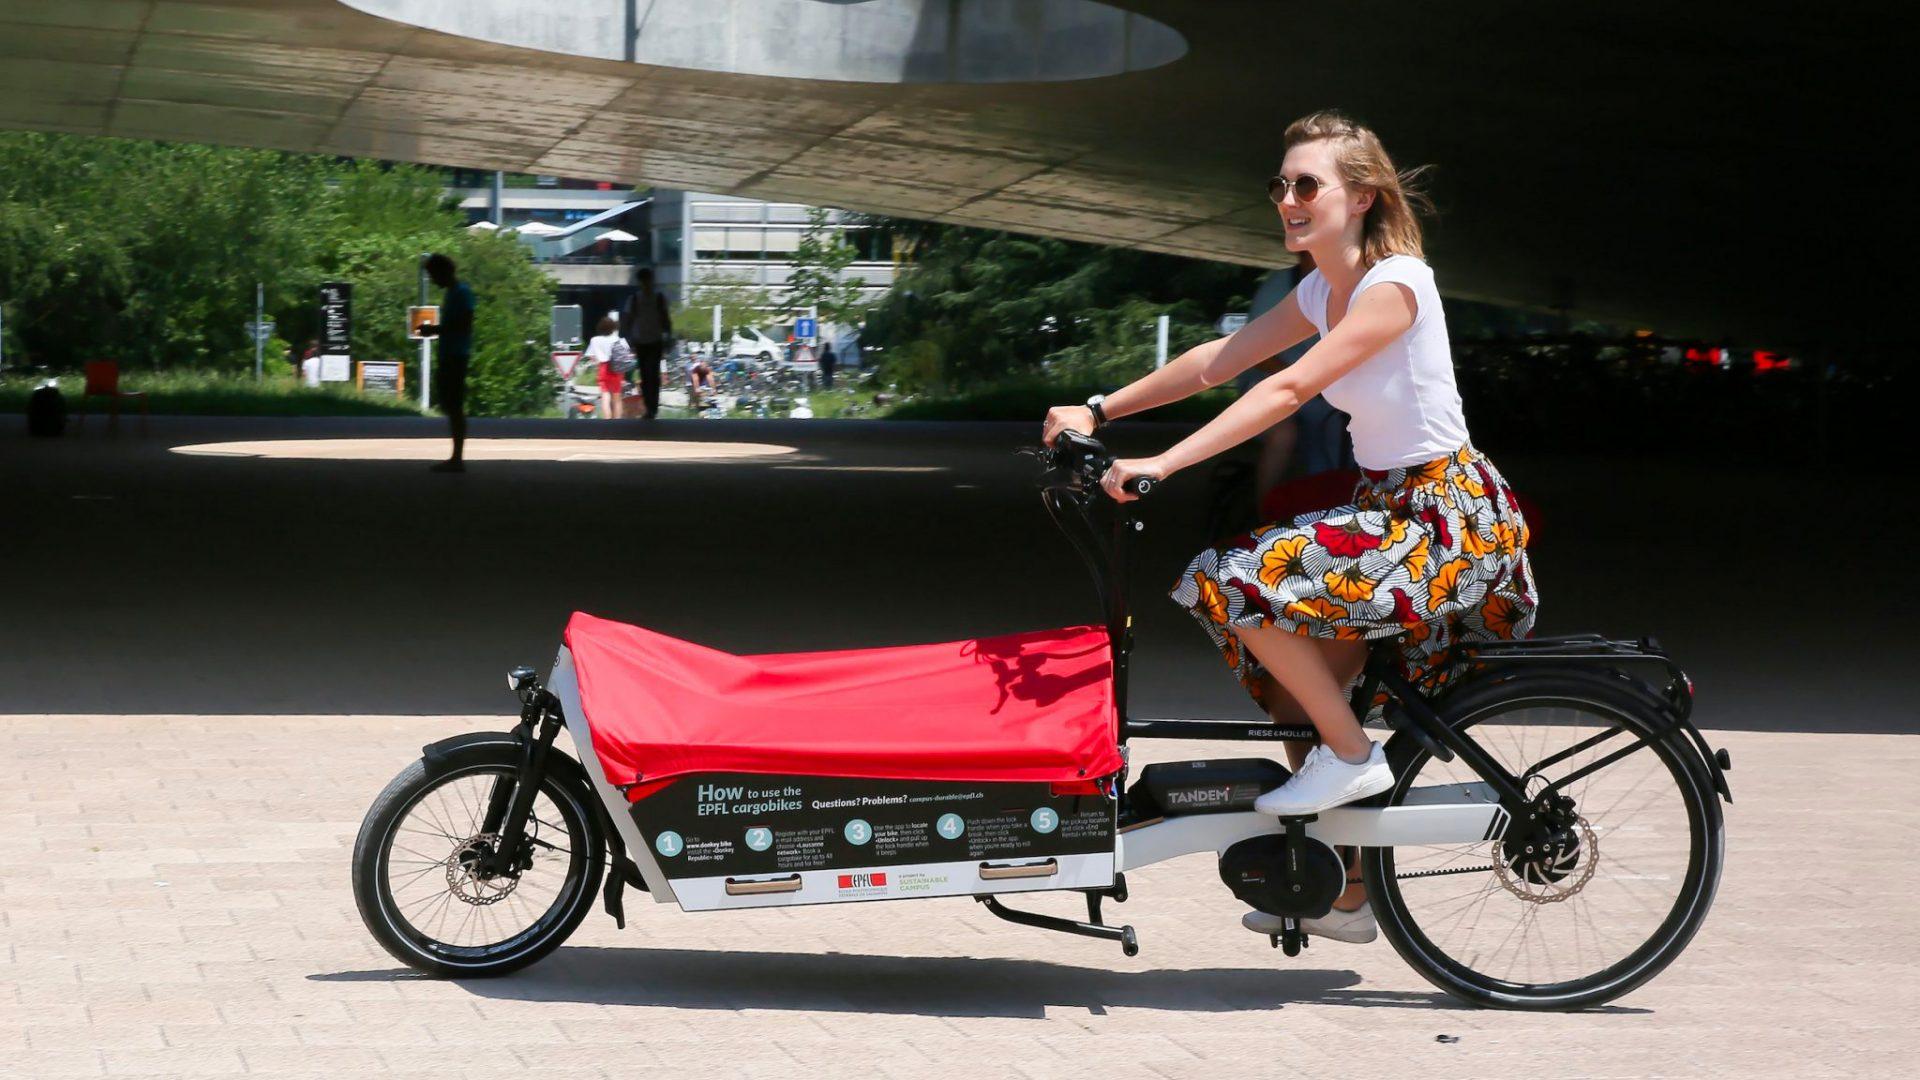 Un vélo-cargo sous le Rolex Learning Center